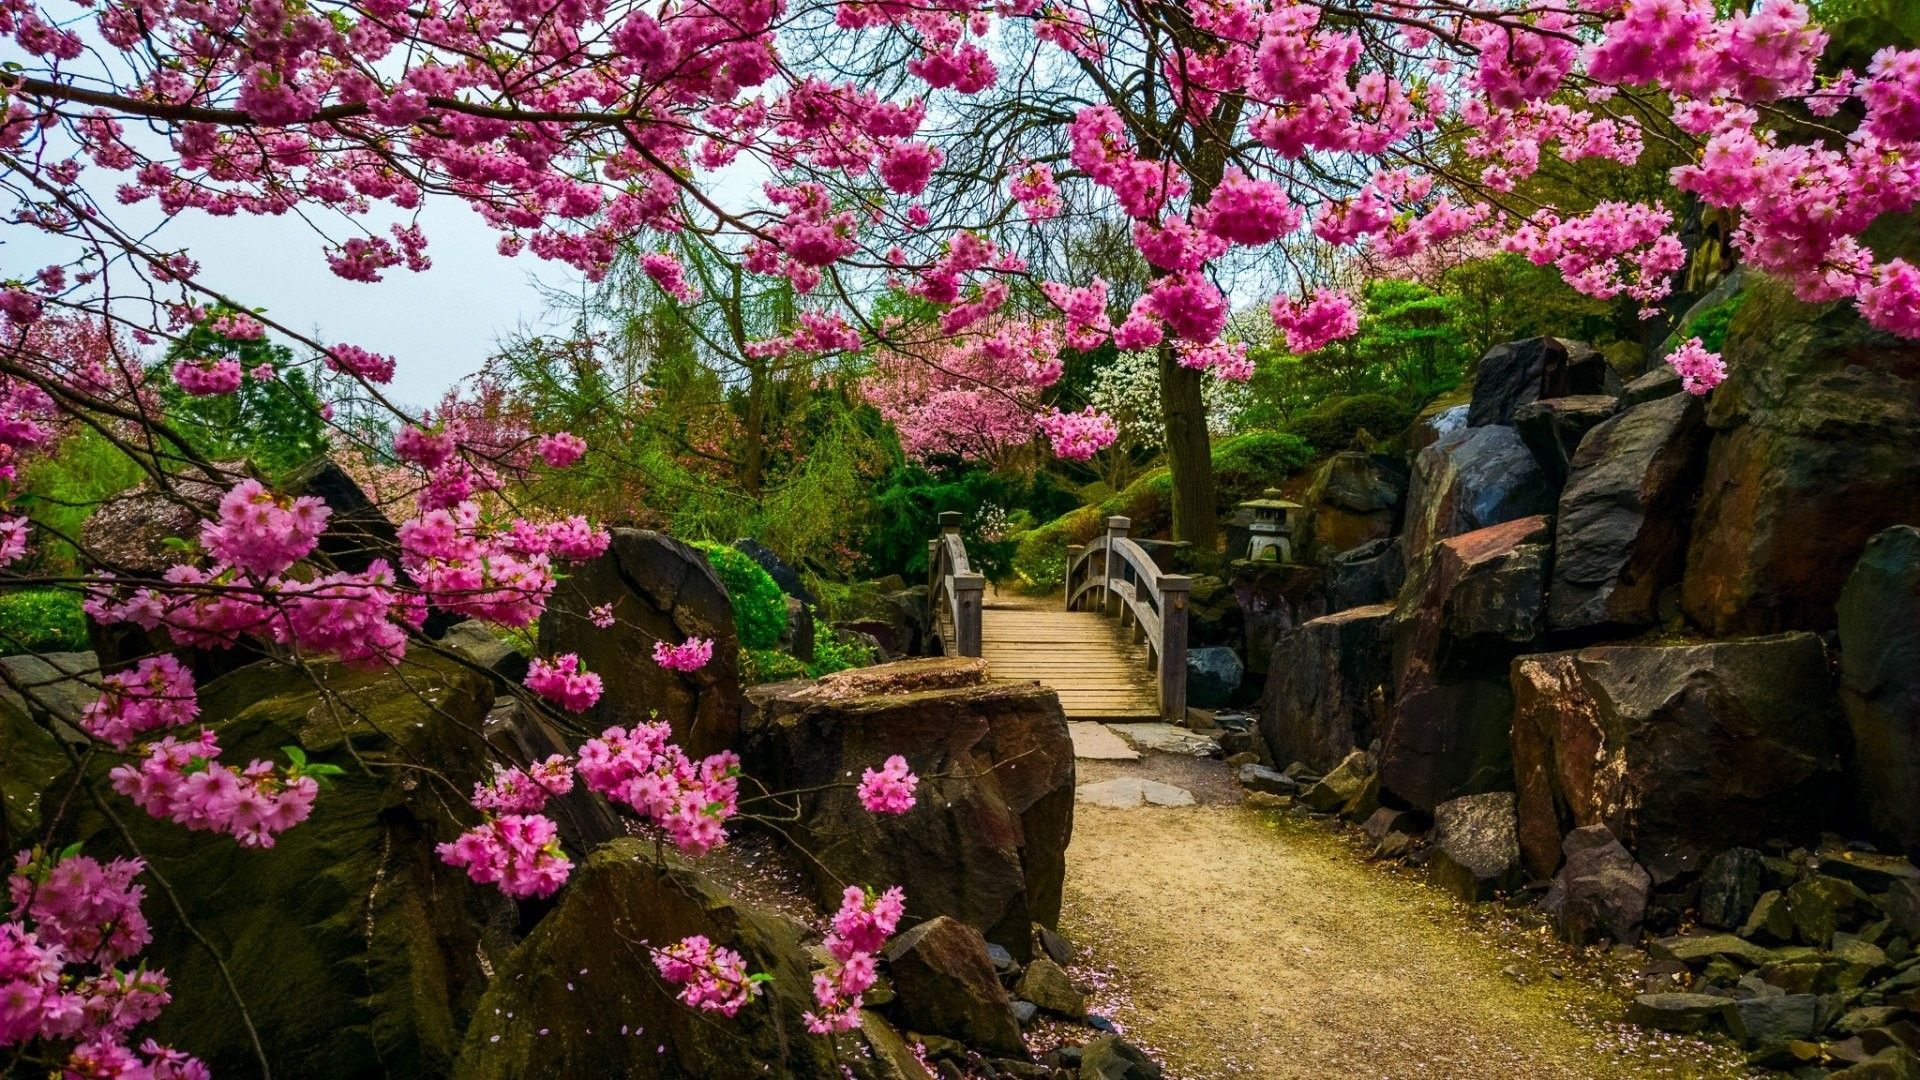 Japanese Garden desktop wallpaper hd